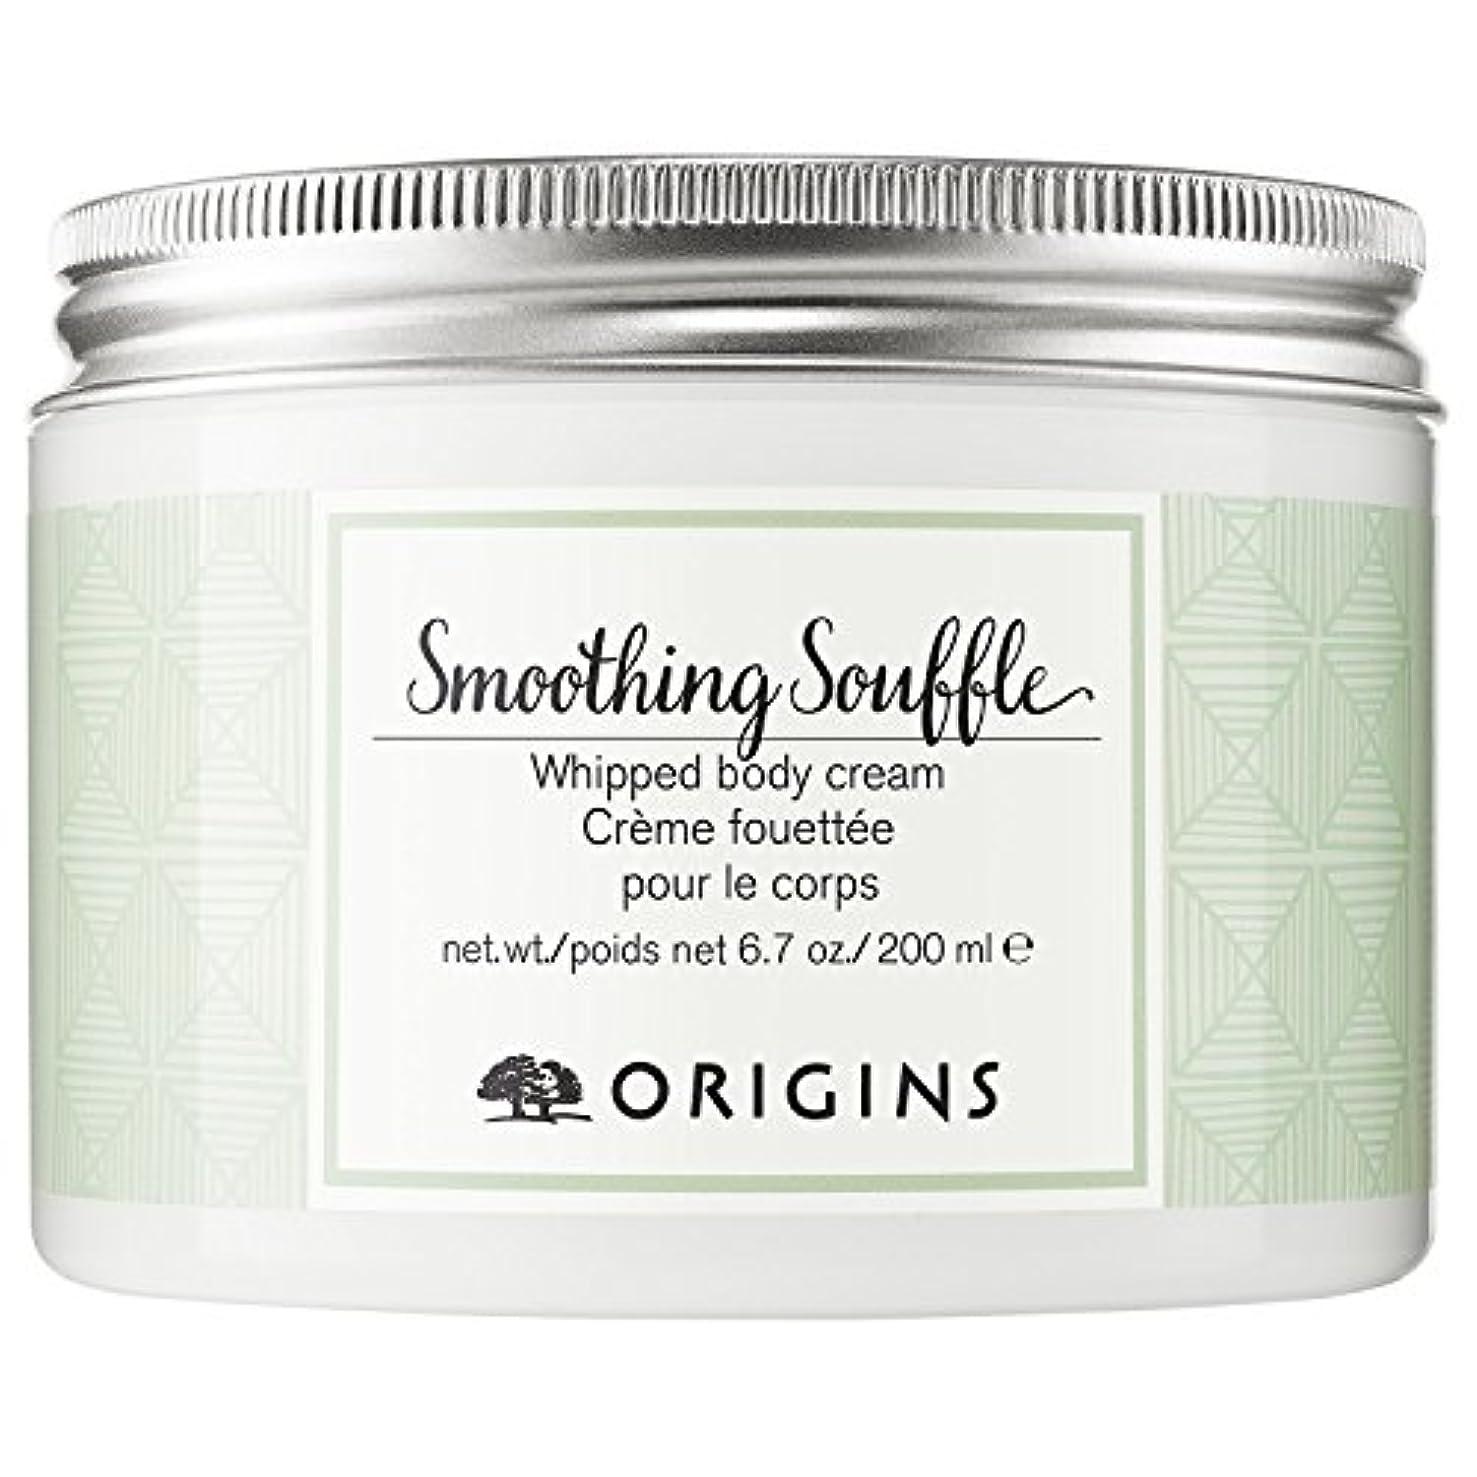 アニメーション陰謀素敵なスフレホイップボディクリーム200ミリリットルを平滑化の起源 (Origins) (x2) - Origins Smoothing Souffl? Whipped Body Cream 200ml (Pack of 2)...